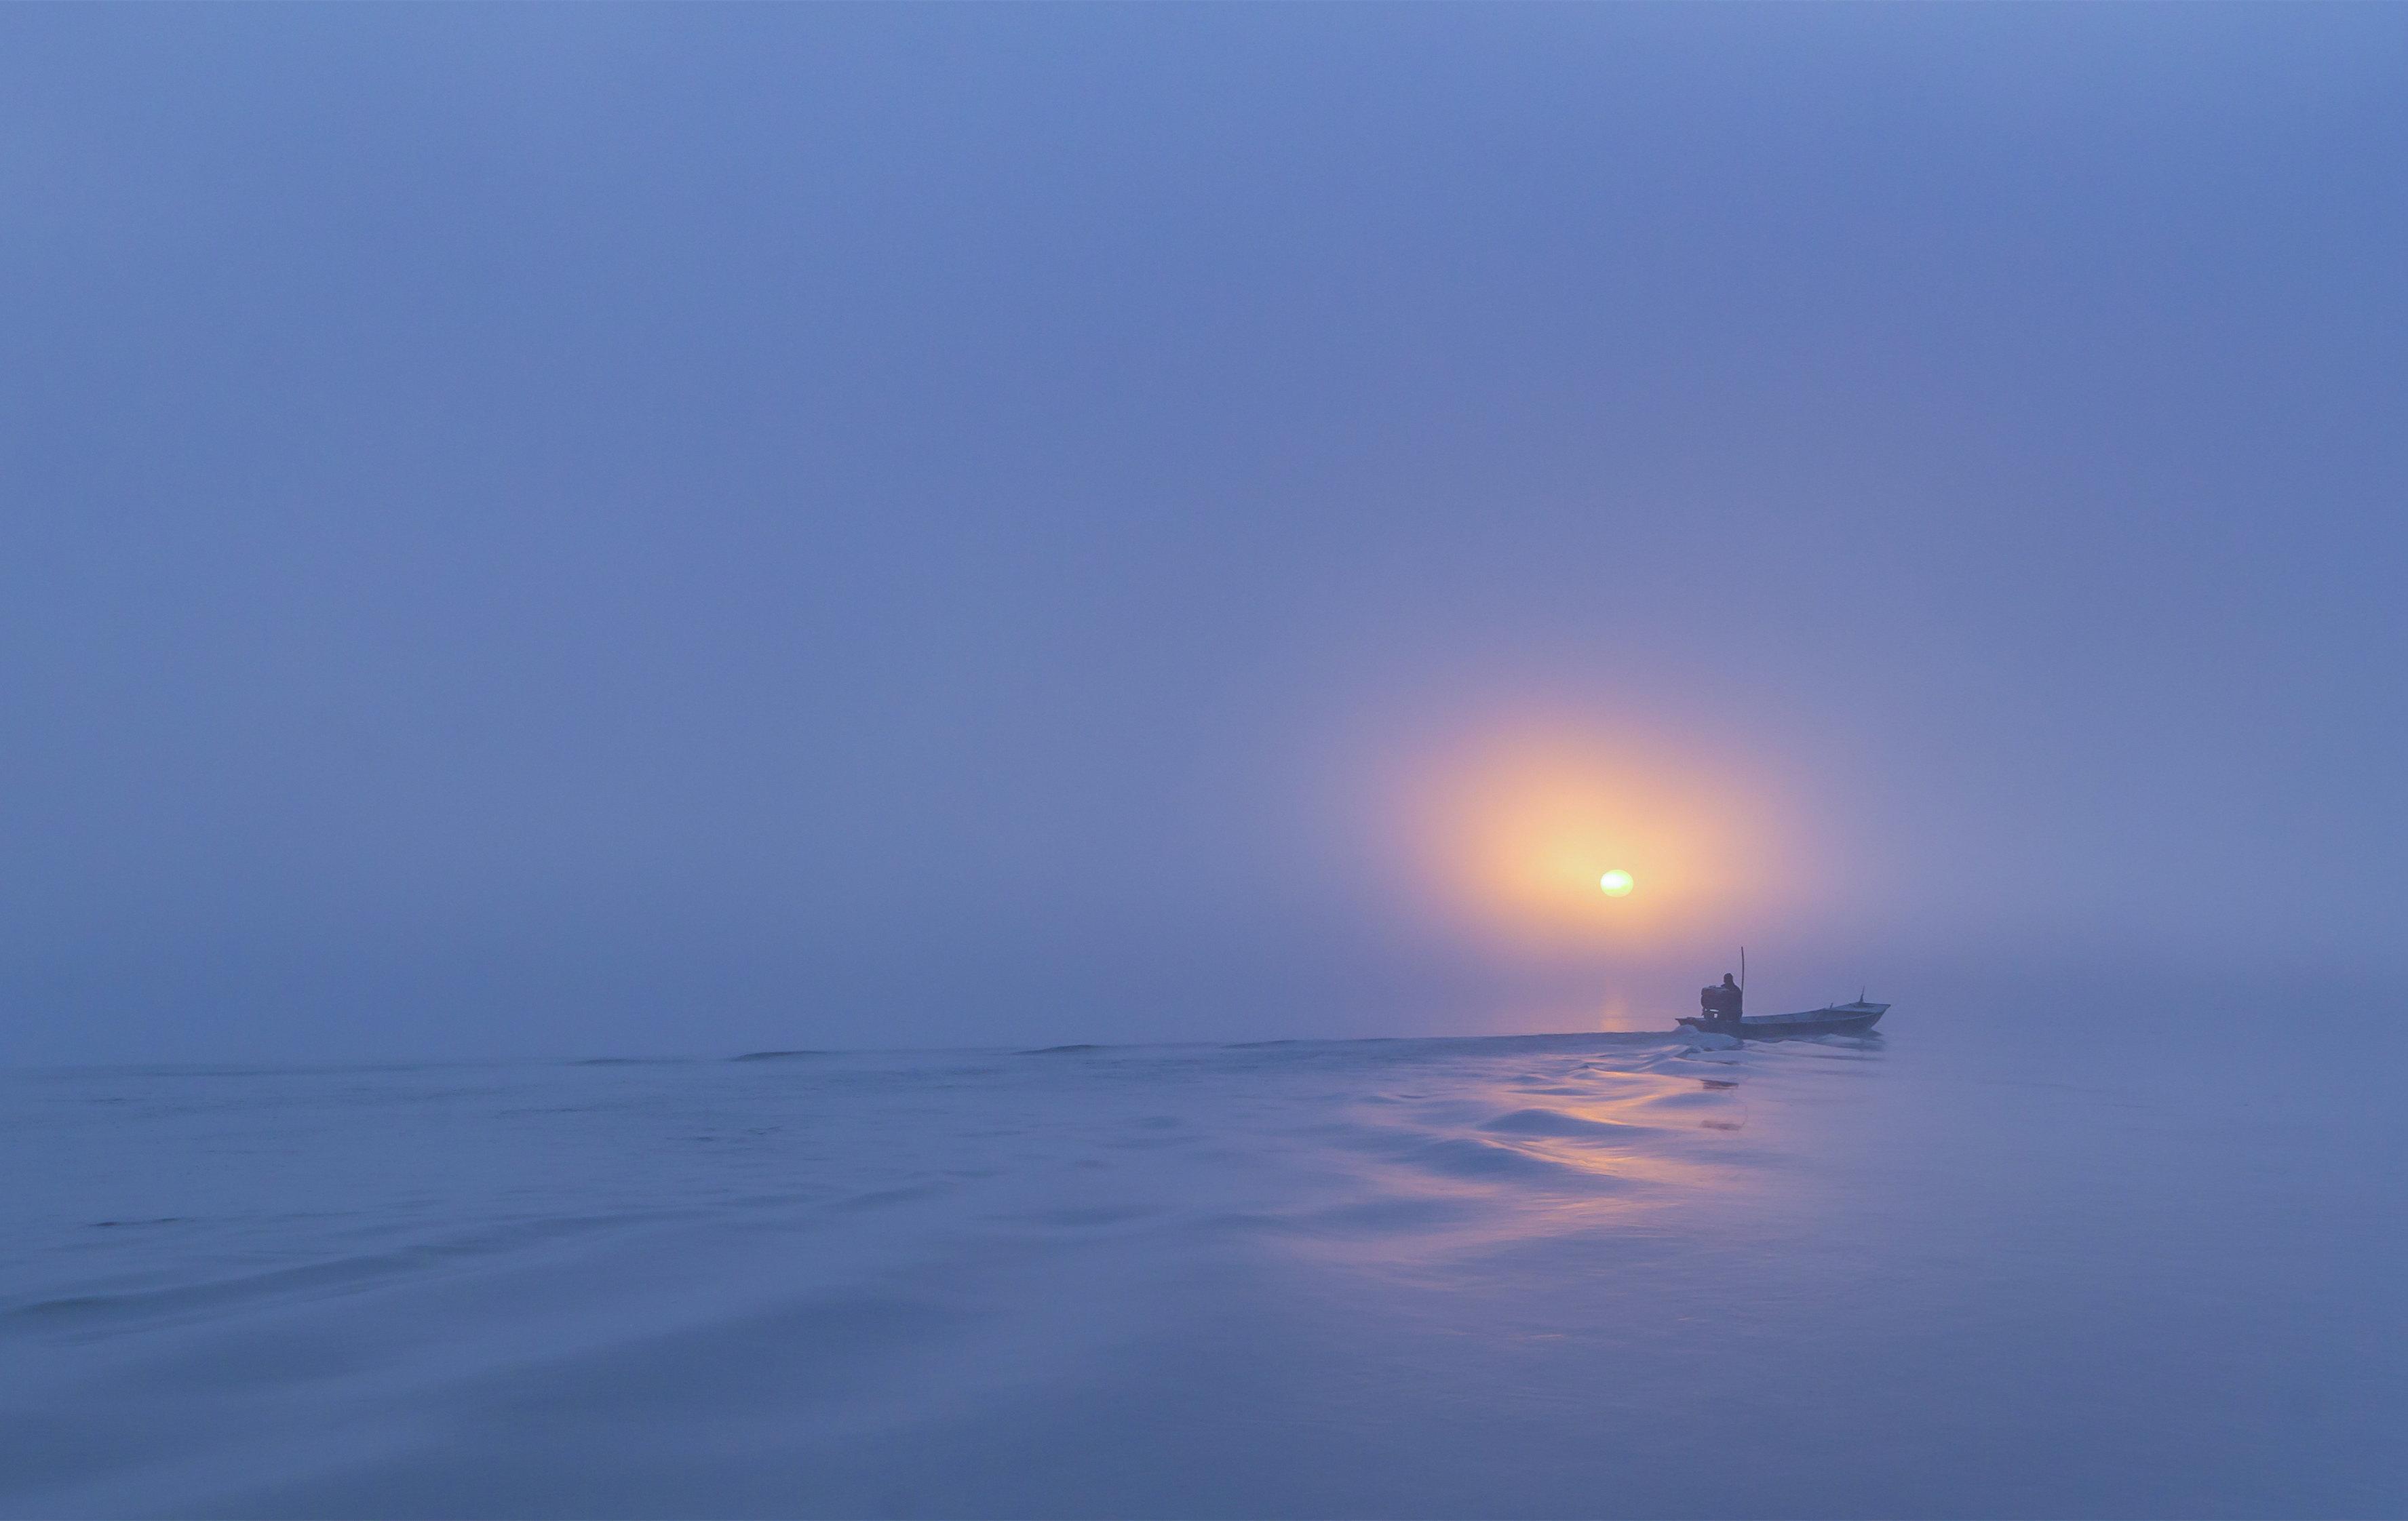 清晨渔民在捕鱼